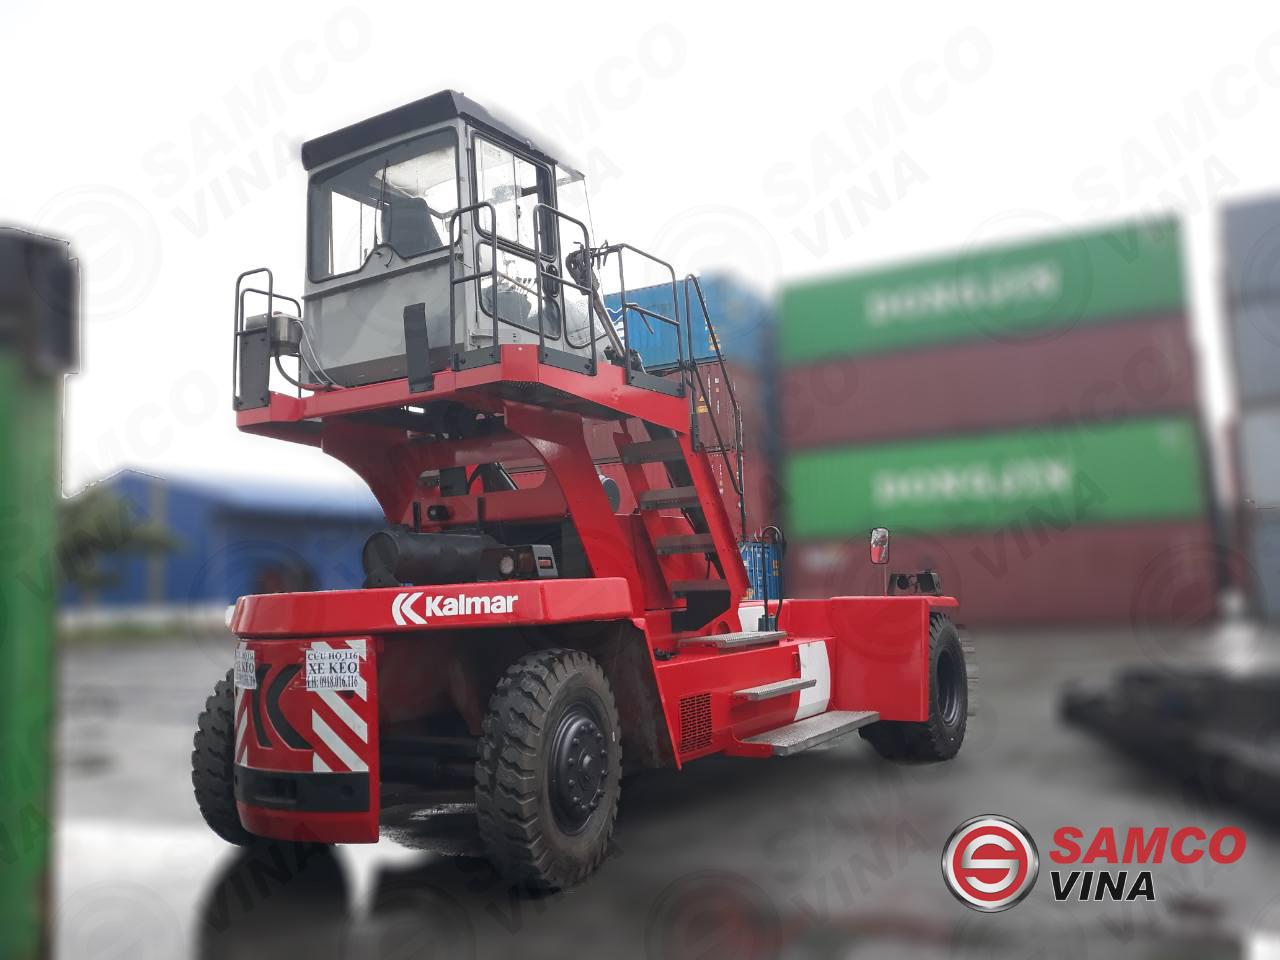 Nhà cung cấp xe nâng, phụ tùng xe nâng và dịch vụ kỹ thuật